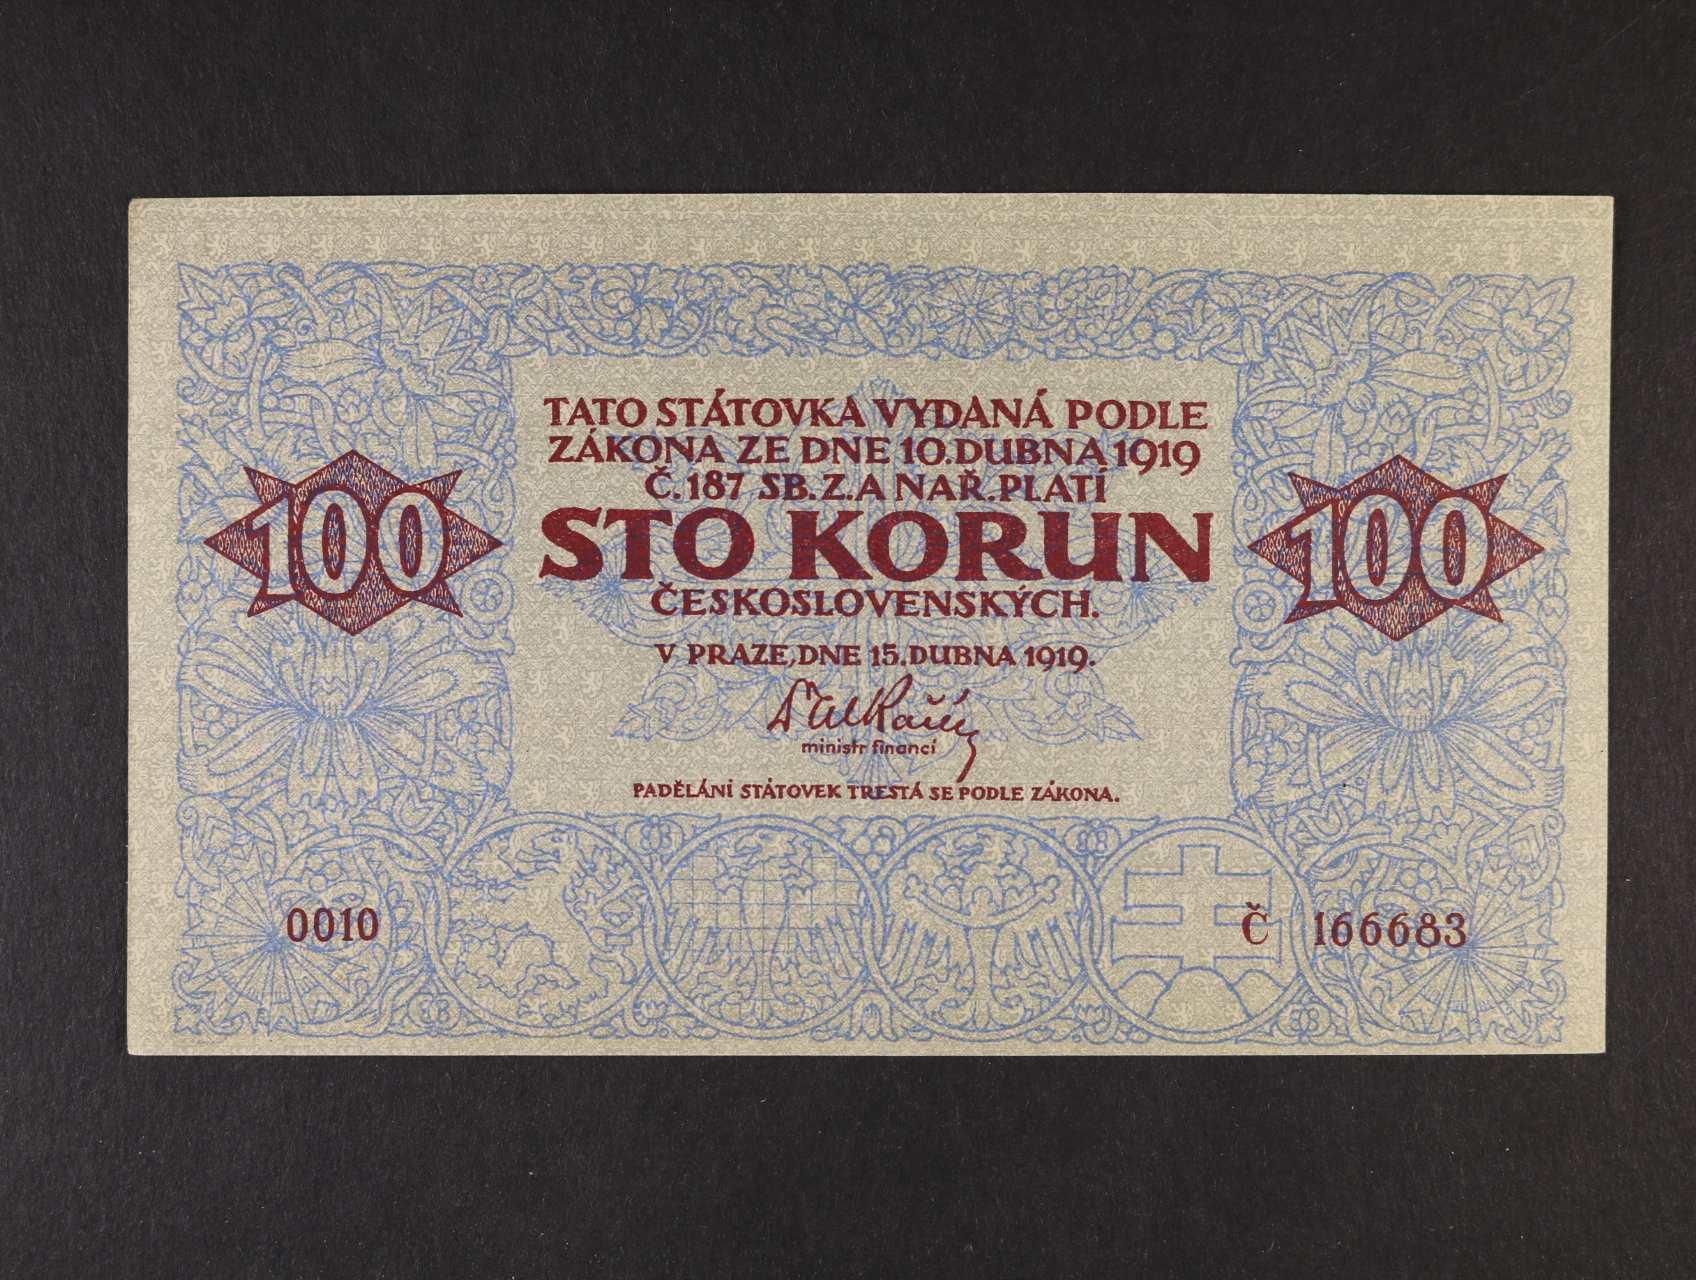 padělek, 100 Kč 15.4.1919 série 0010, dobový tištěný padělek, nezachycený typ Meszaros